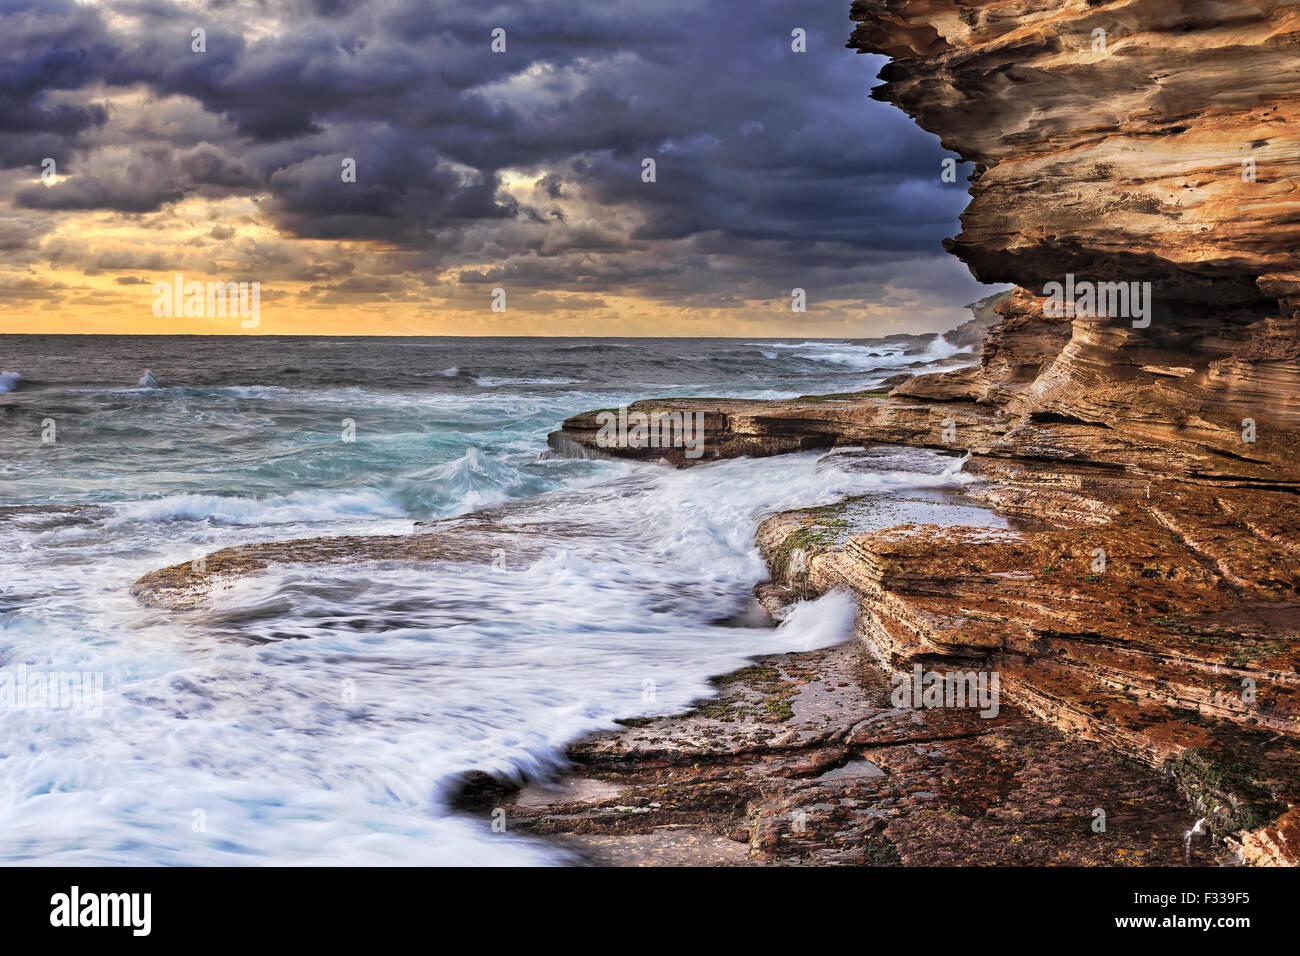 Océano Pacífico infinitas olas socavan las rocas de piedra arenisca de la costa australiana, cerca de Imagen De Stock